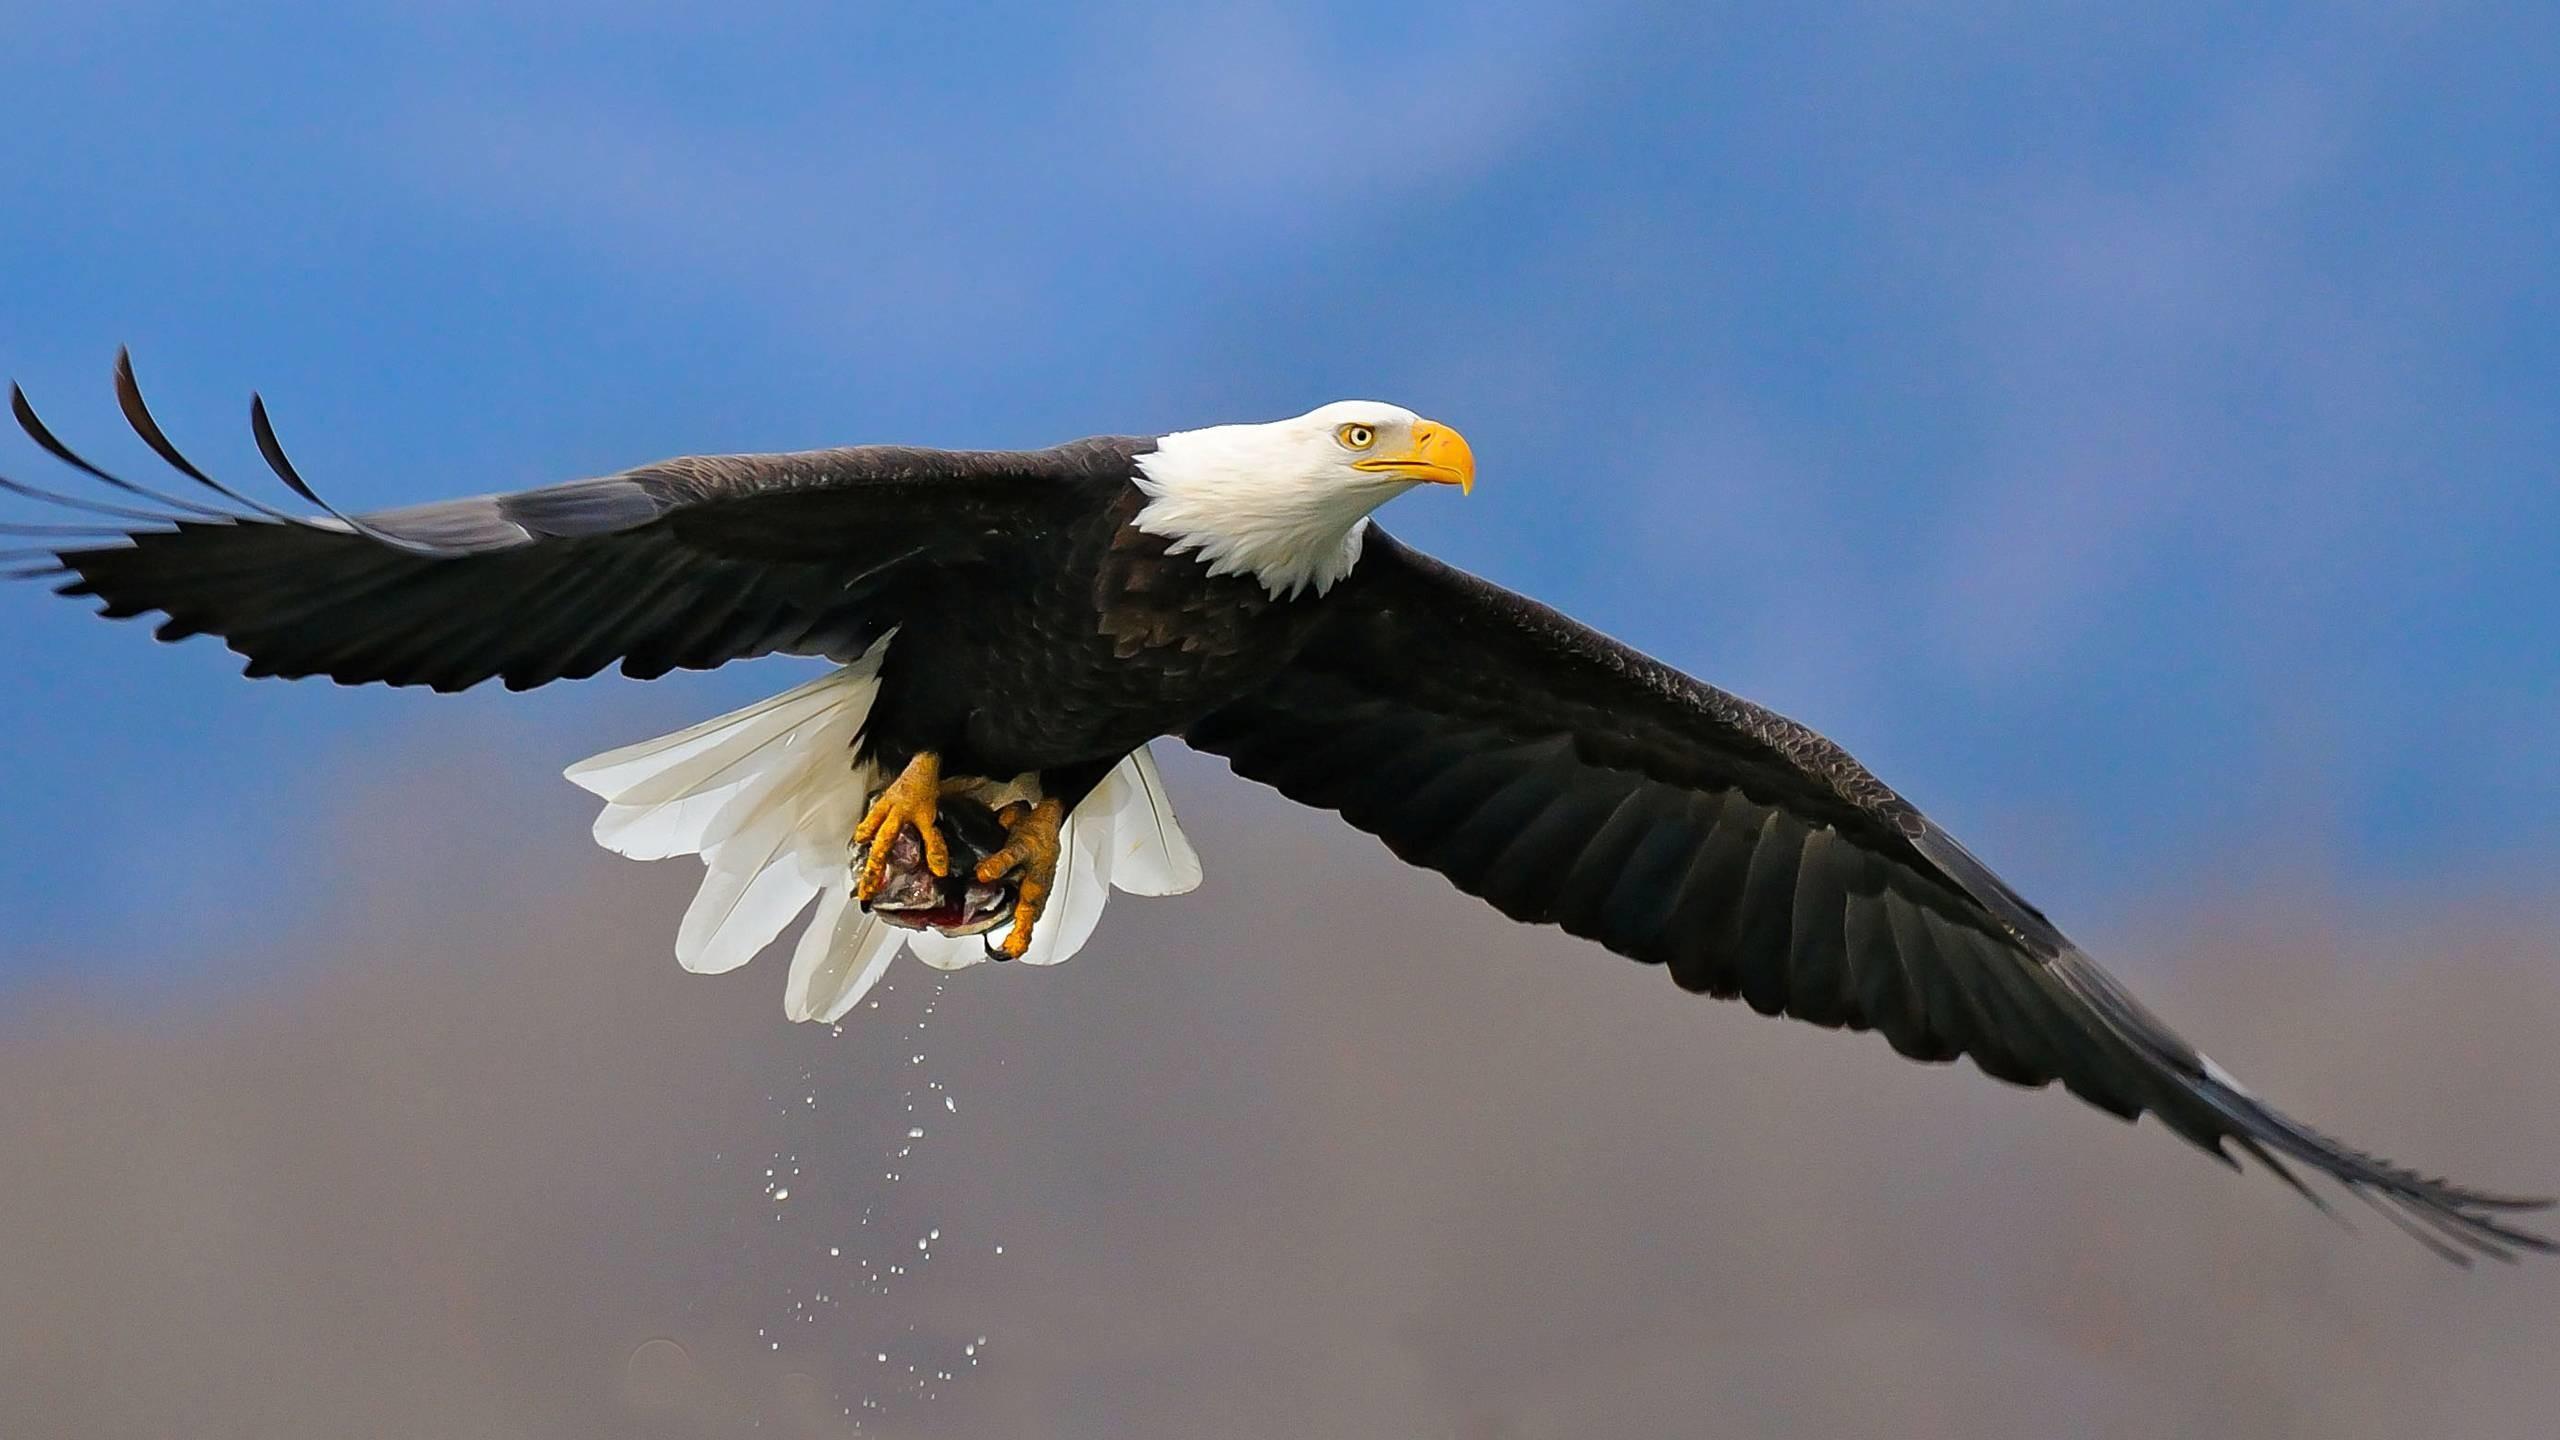 Res: 2560x1440, Bald Eagle Wallpaper HD Images